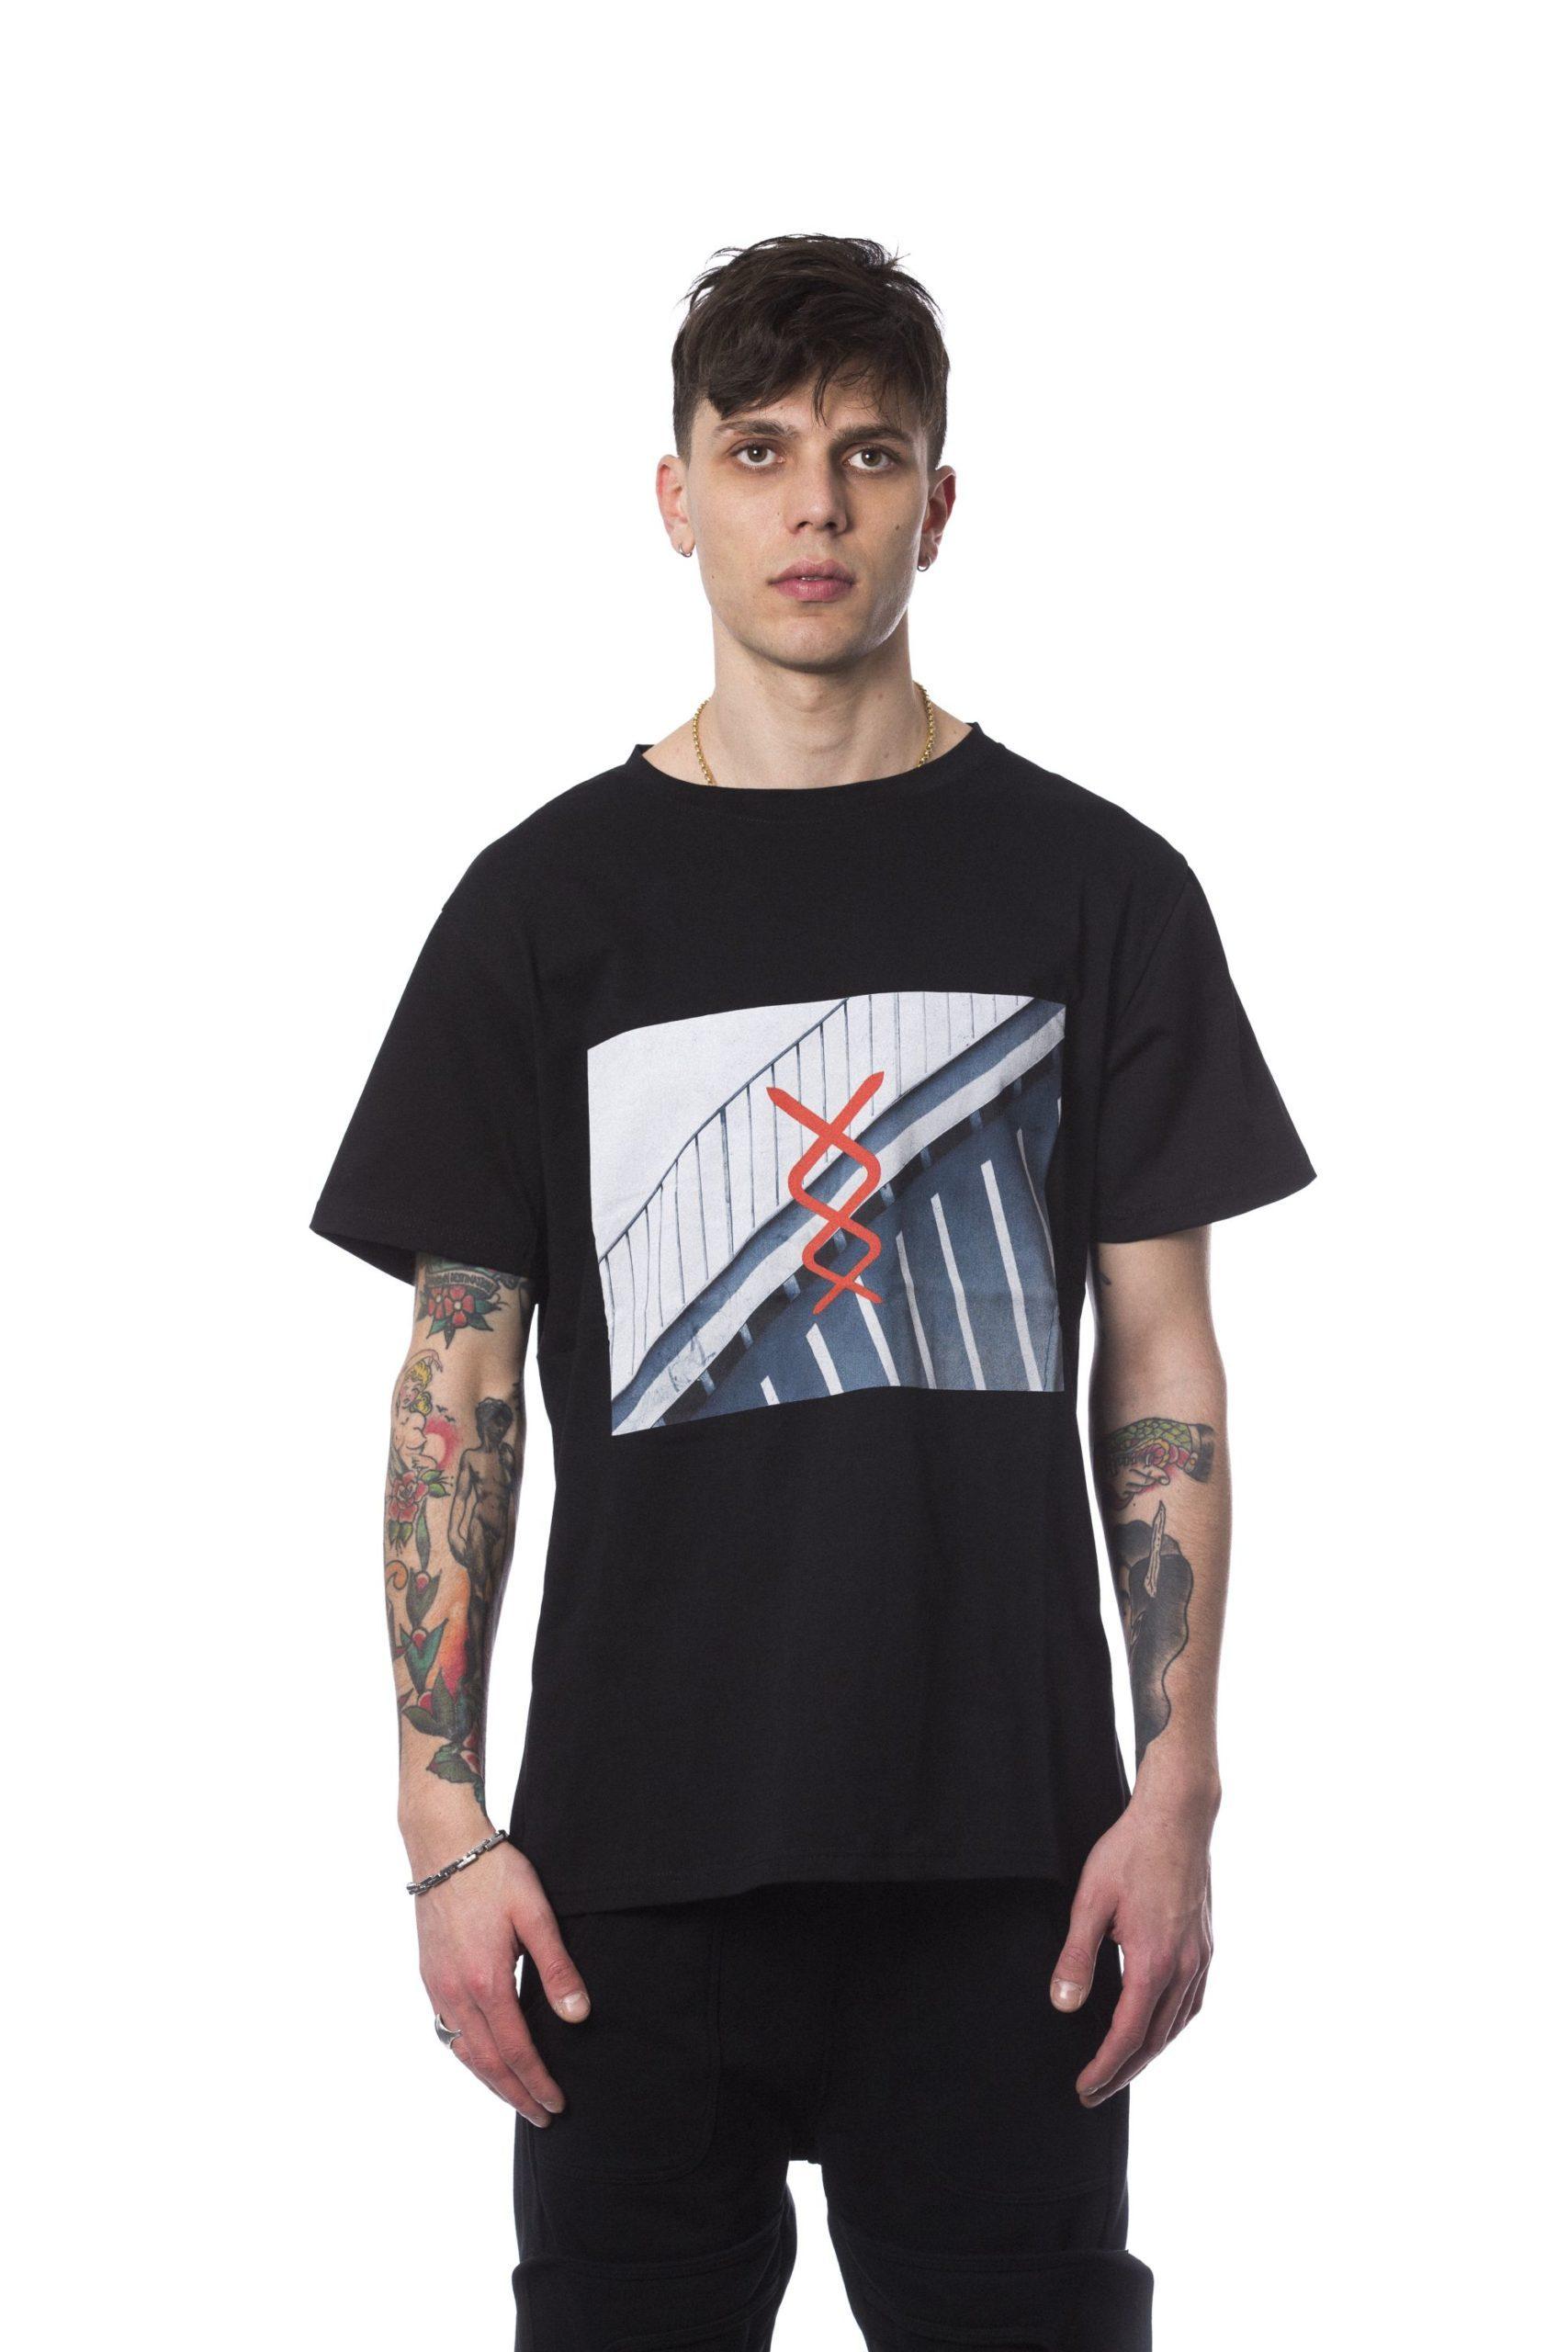 Nicolo Tonetto Men's Nero T-Shirt Black NI681737 - M